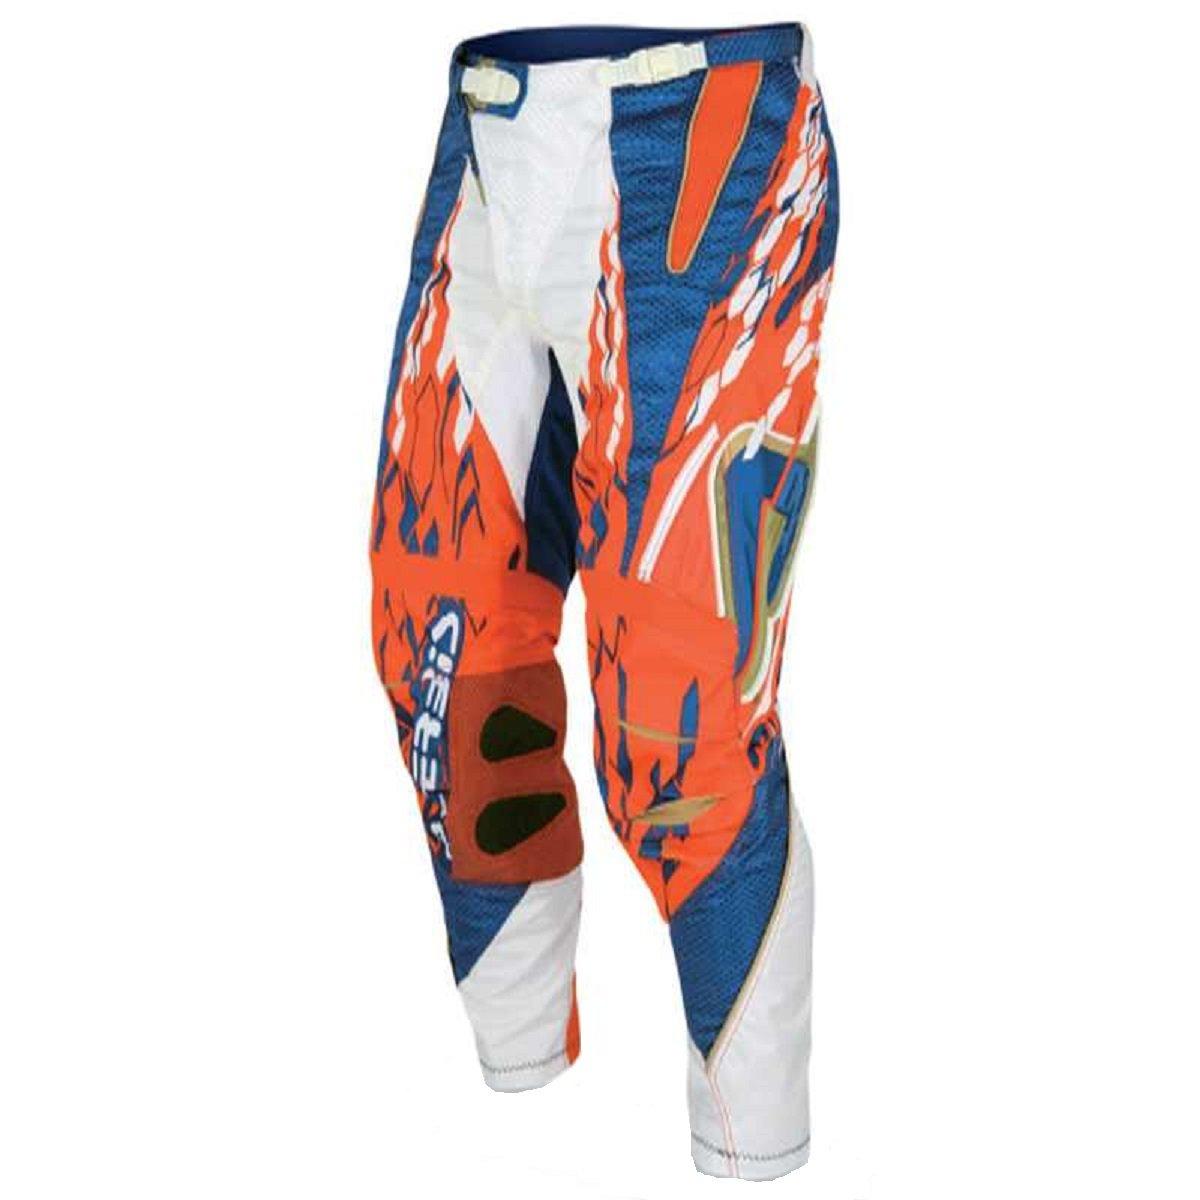 Men's Acerbis Wave Patriot Motocross Pants Size 28 Mx Gear